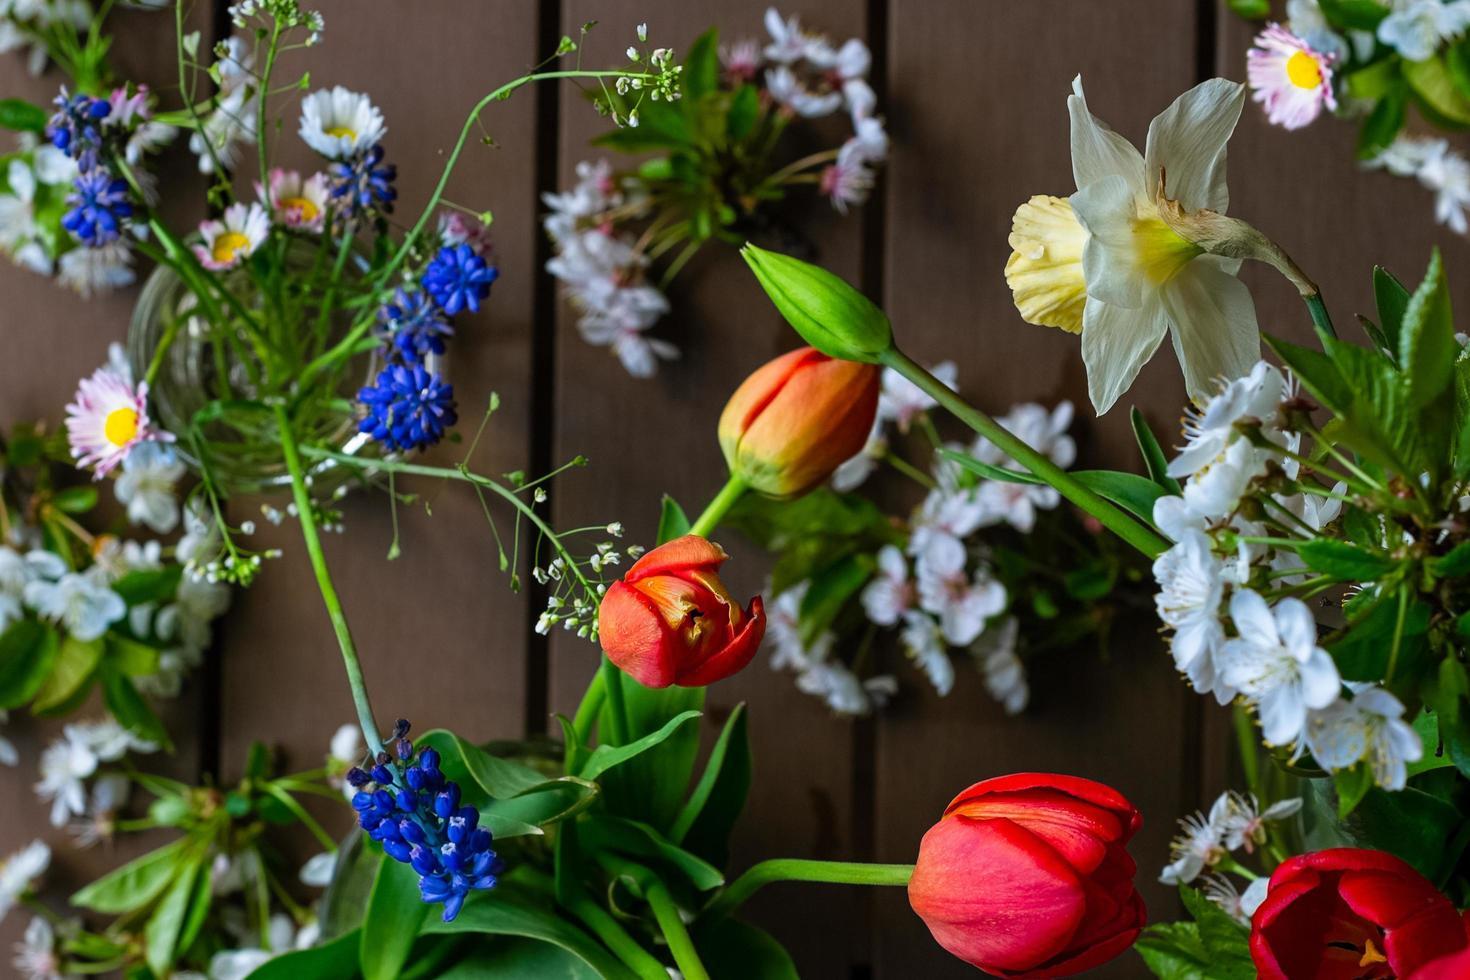 Blumenhintergrund von roten Tulpen, Feldgänseblümchen, Muscaris, Narzissen, Kirschblüten foto